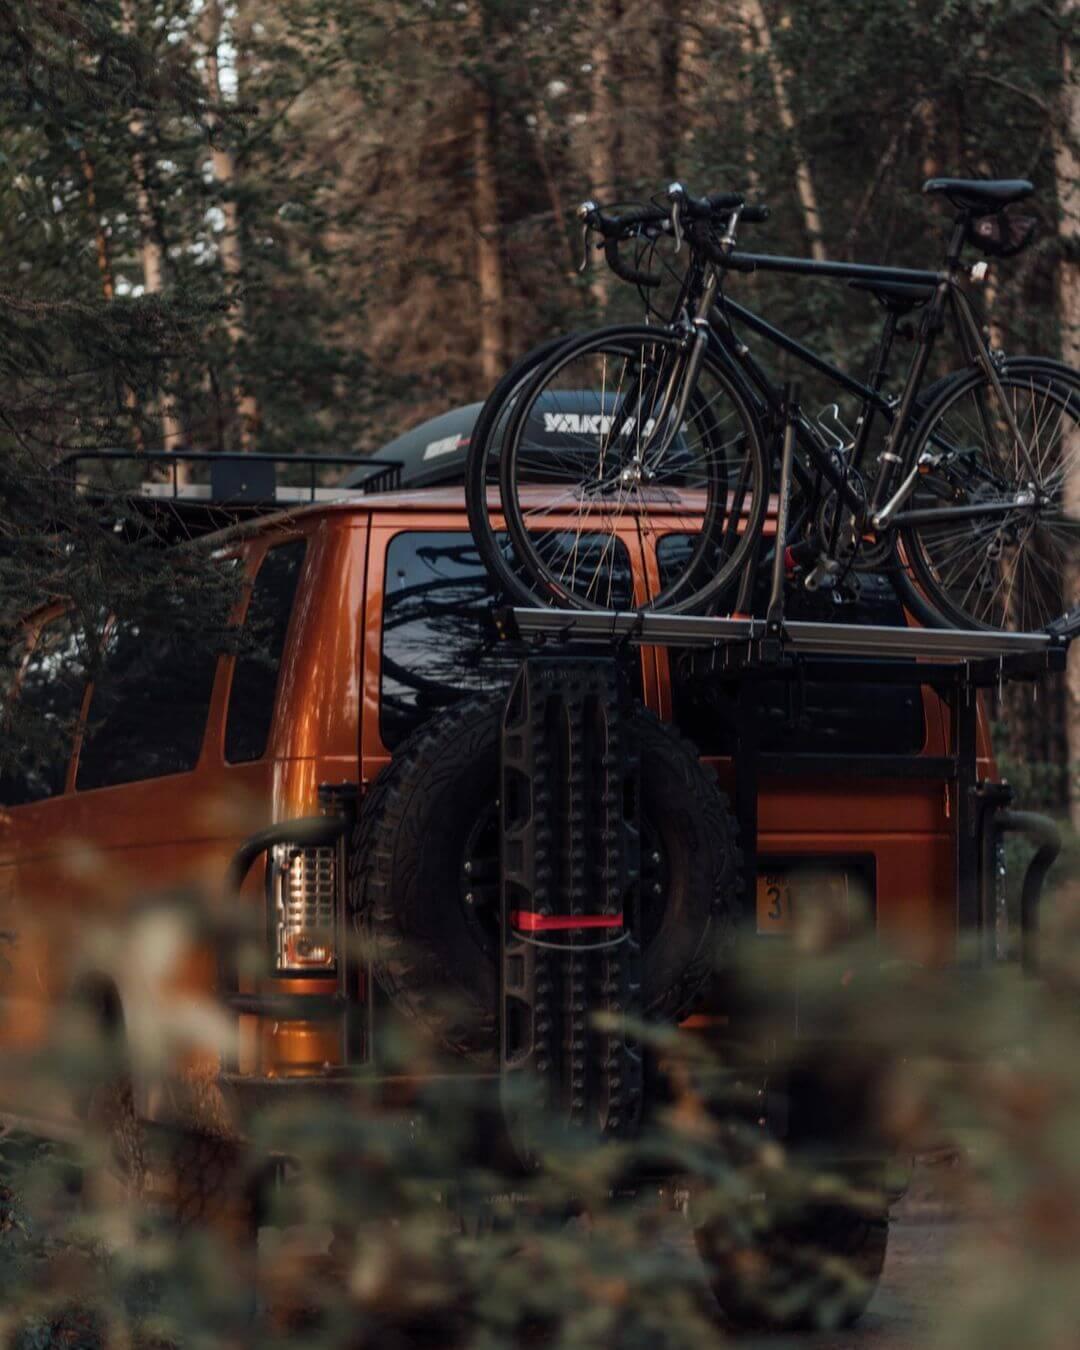 Camper van bike carrier